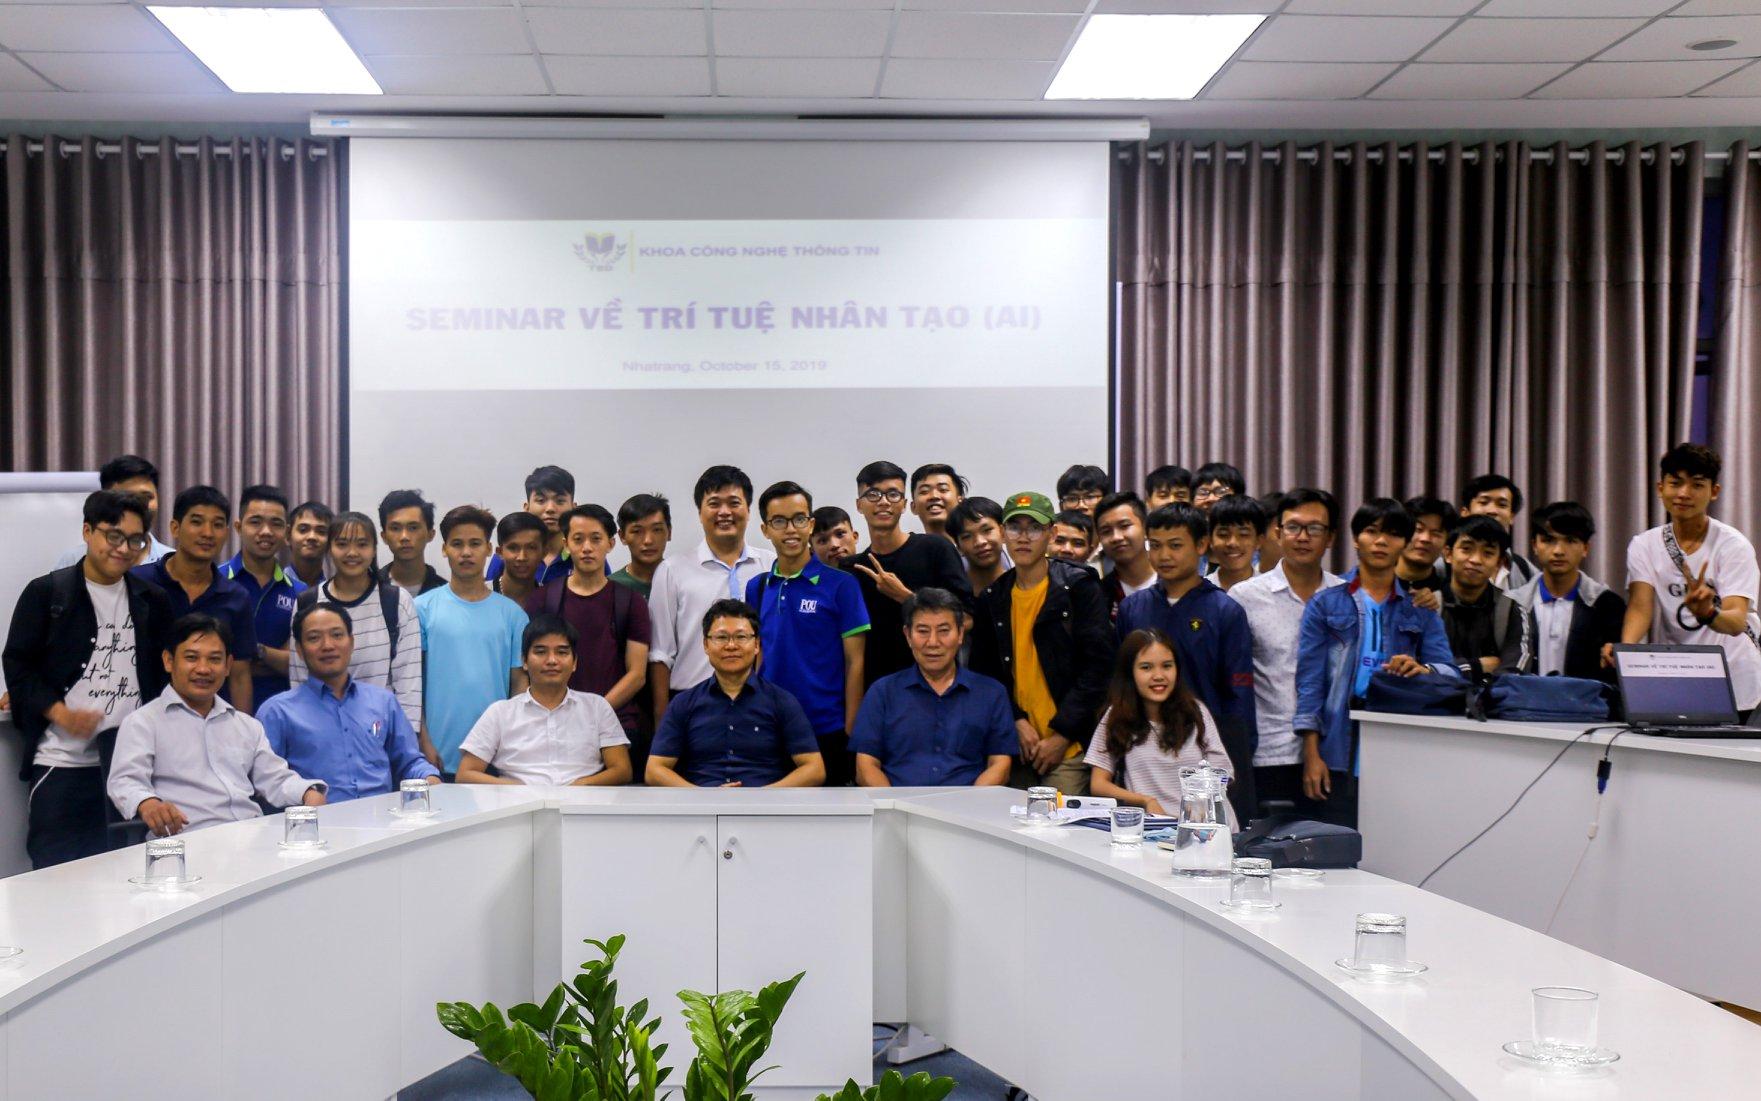 Sinh viên ngành CNTT Đại học Thái Bình Dương học tập trong mô hình IT Space